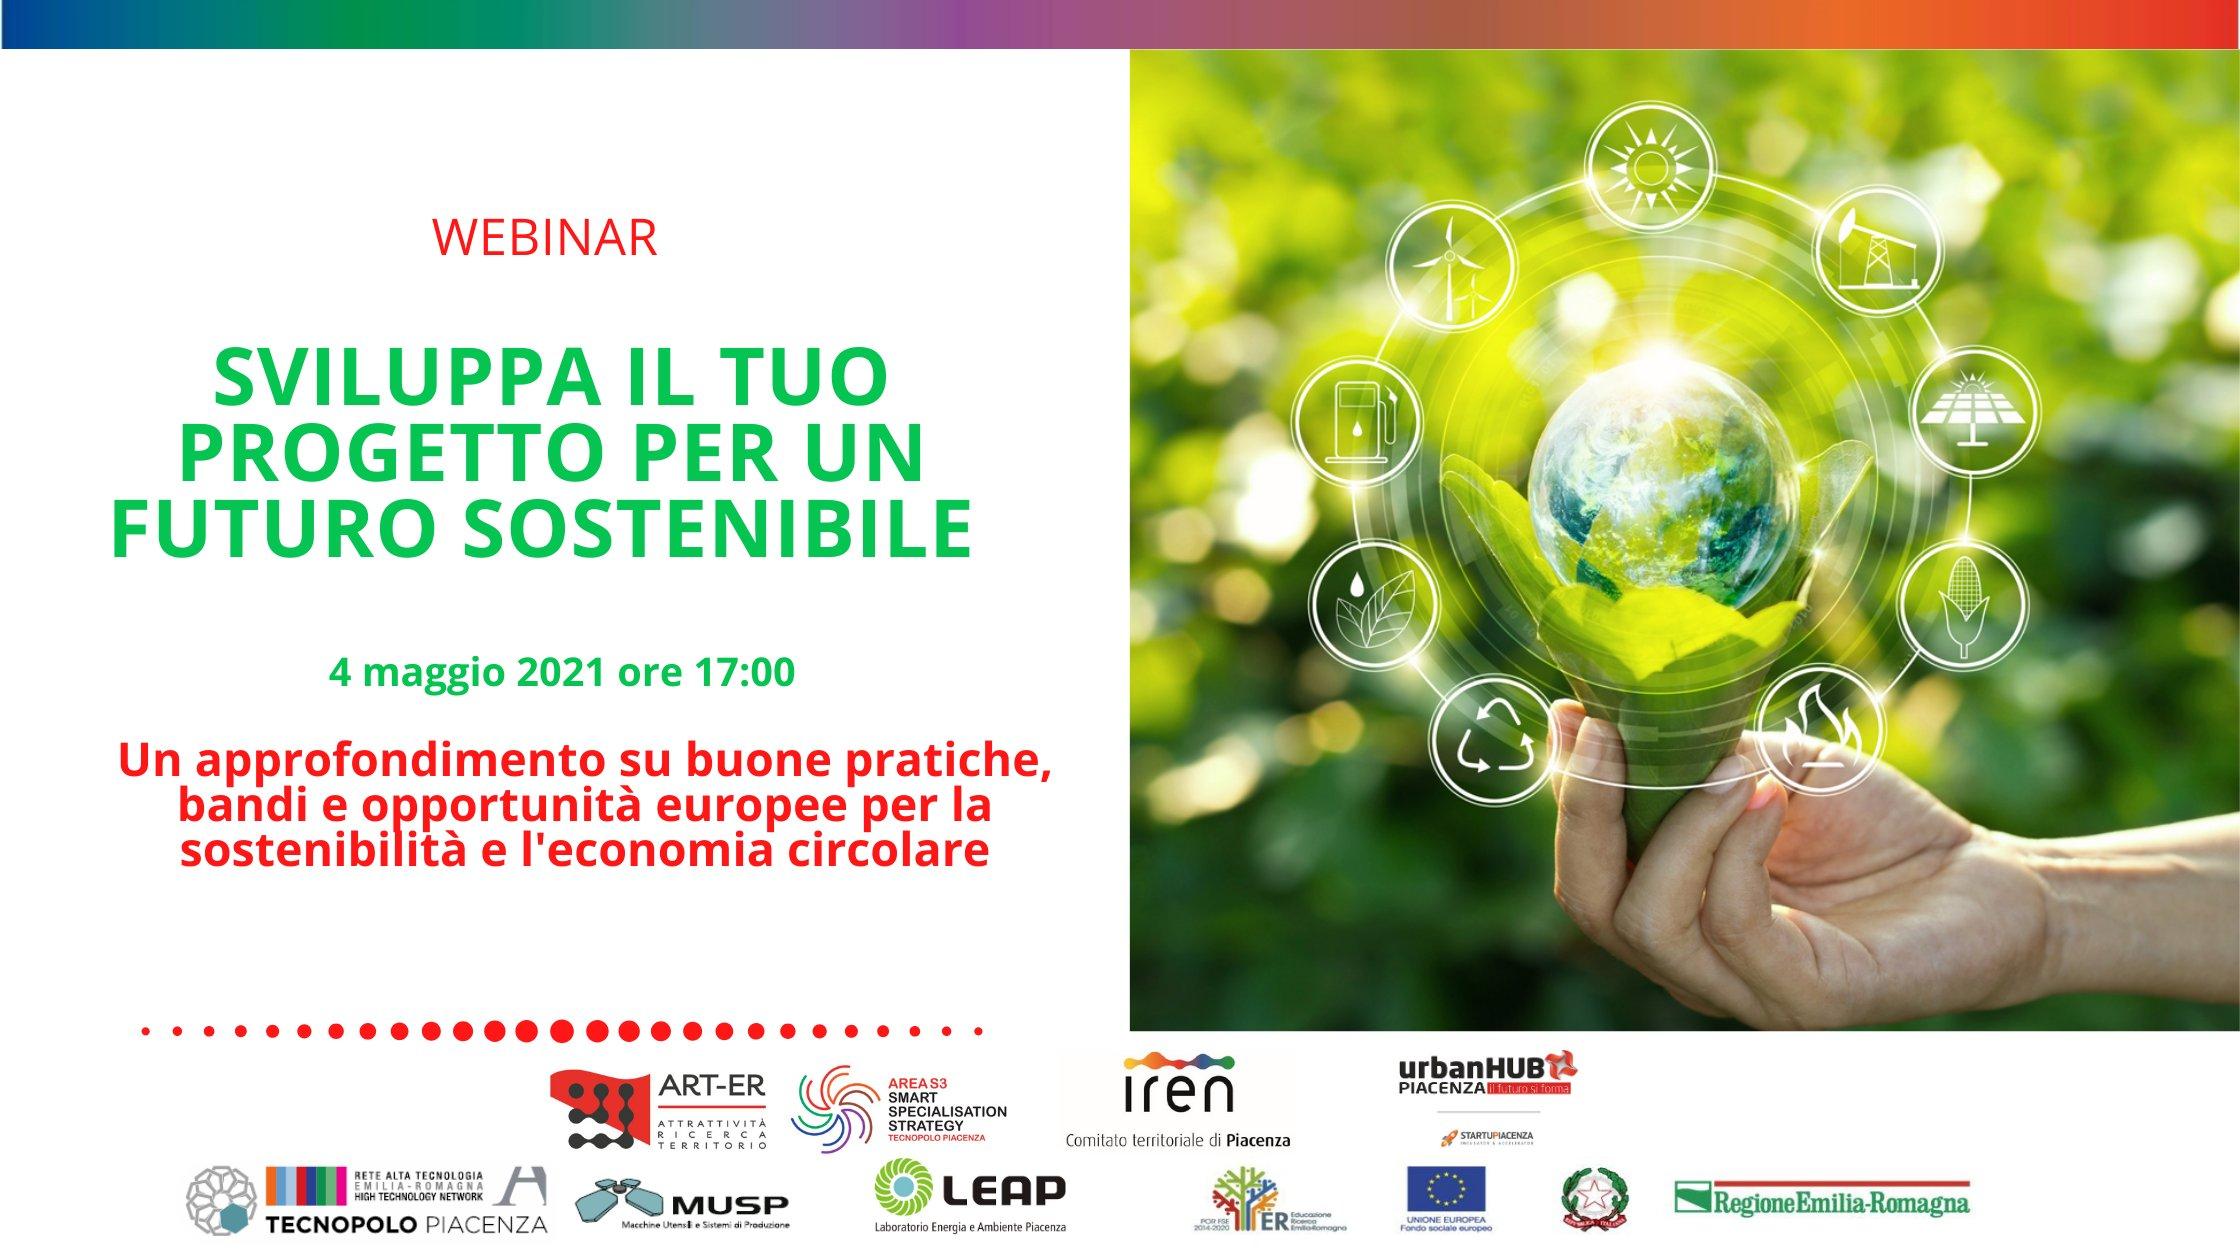 Sviluppa il tuo progetto per un futuro sostenibile